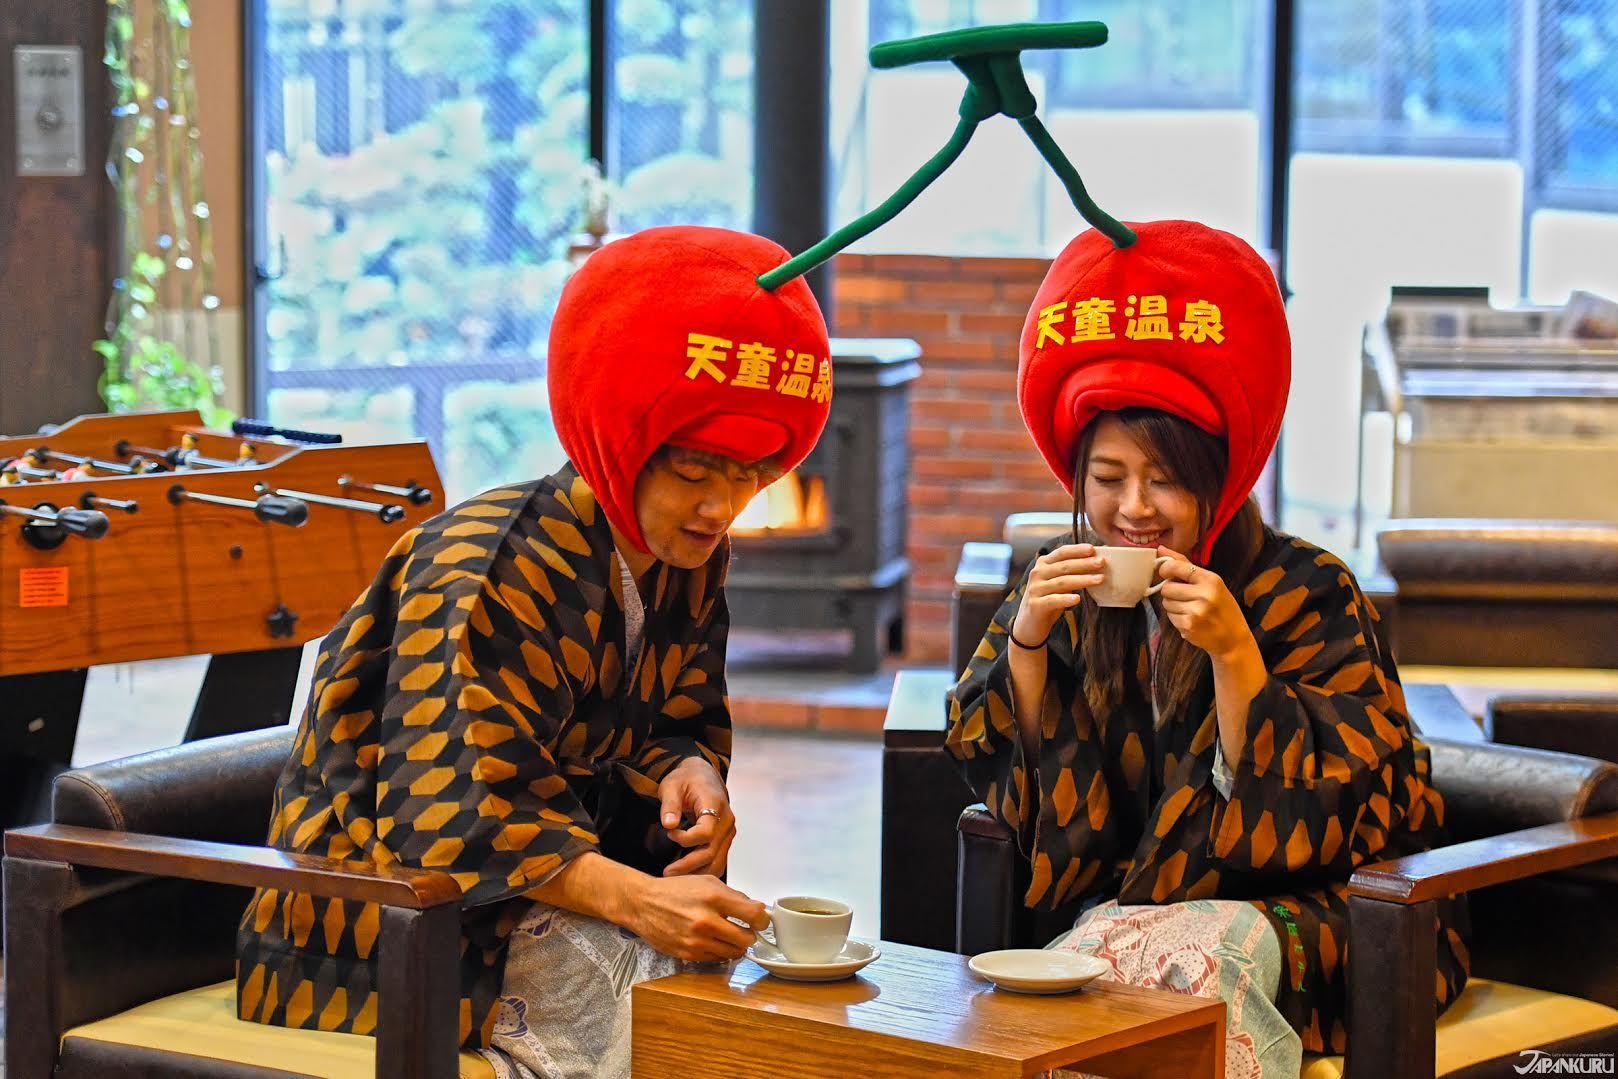 Our name is Sakuranbo ~   #nikon #d5 #photography #japan #japanese #onsen #yamagata #tendo #tendocity #sakaeyahotel #onsenryokan #japaneseculture